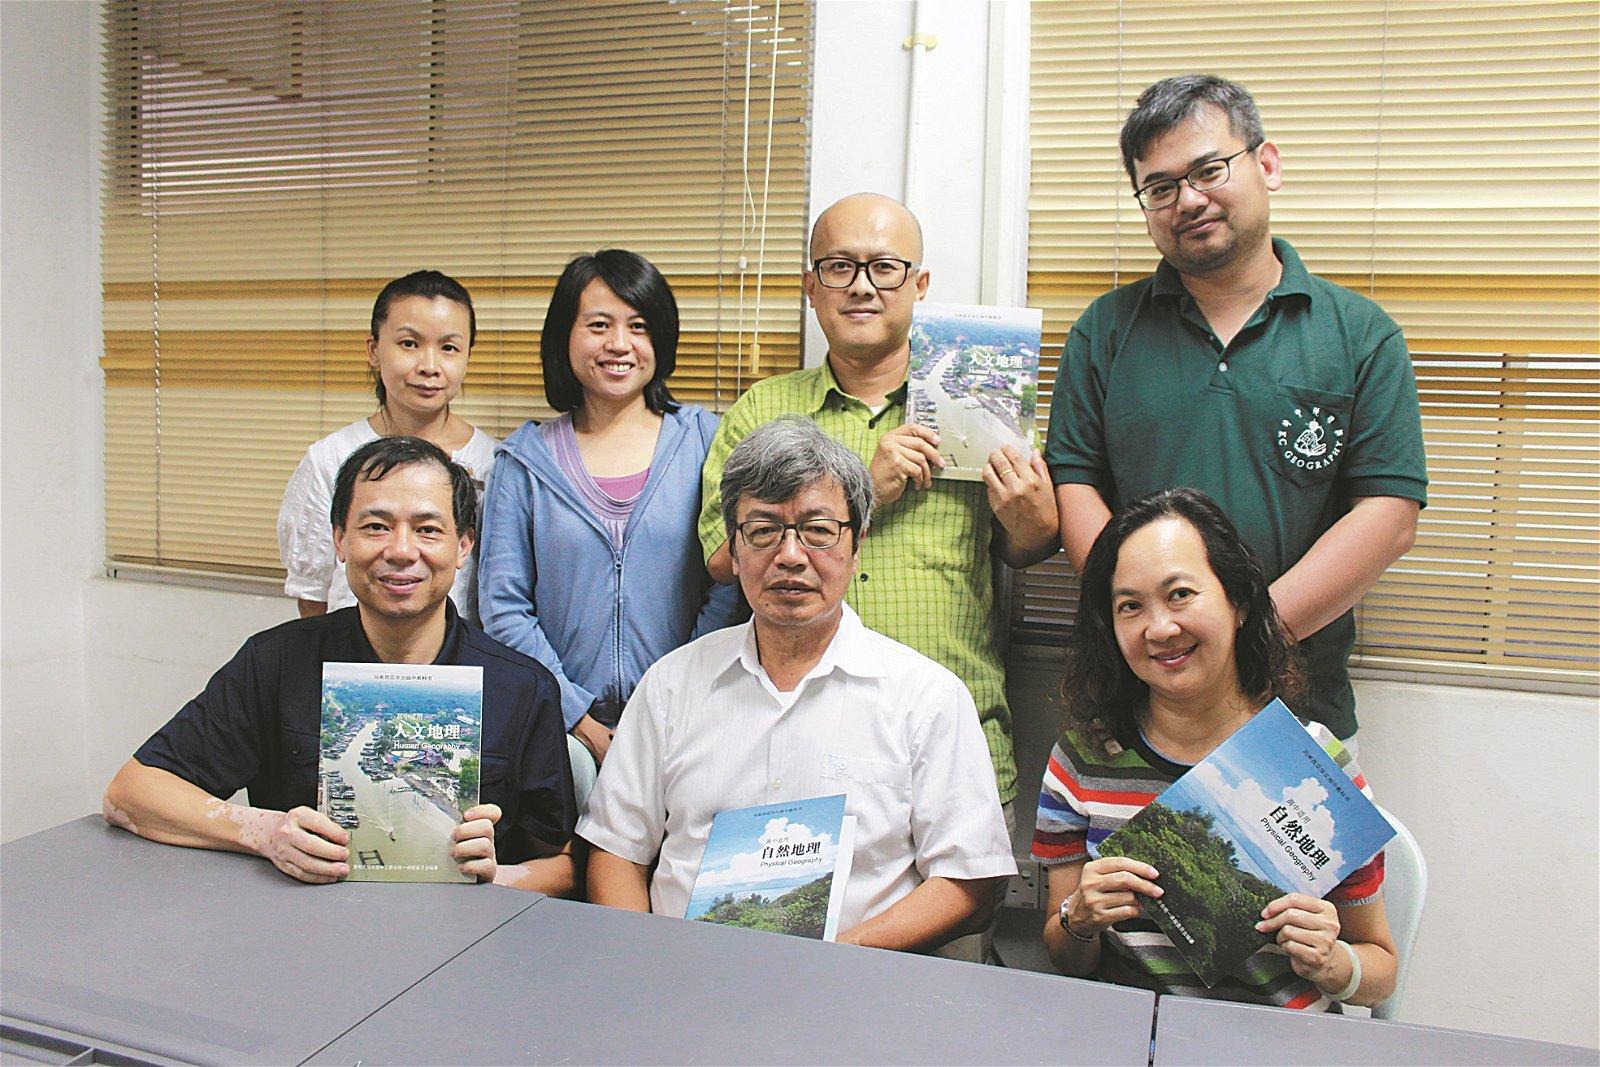 陈国川教授(坐者中)强调,新地理课本必须是以本土实例为主。坐者左为林圣钦及翁美娇;站者左起为苏美红、林美燕、沈志坚及黄瑞泰。